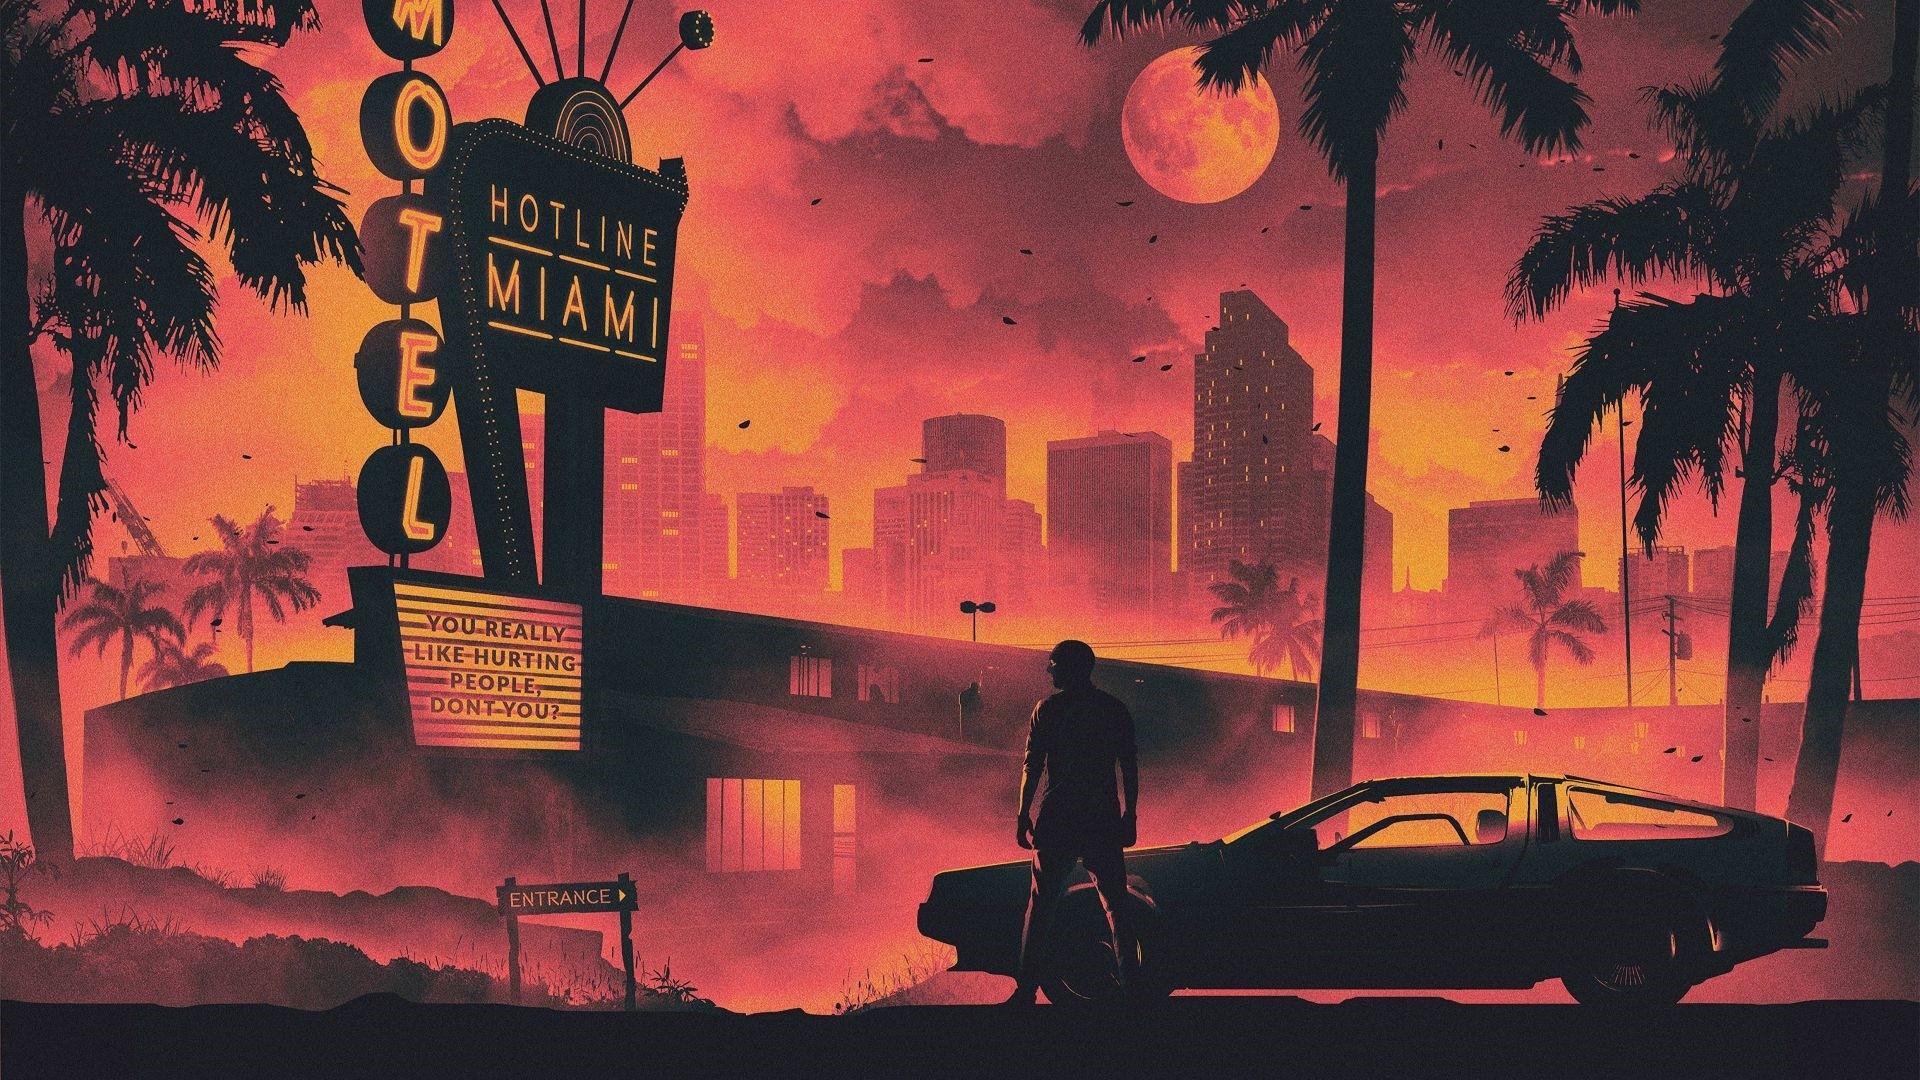 Hotline Miami Wallpaper for pc